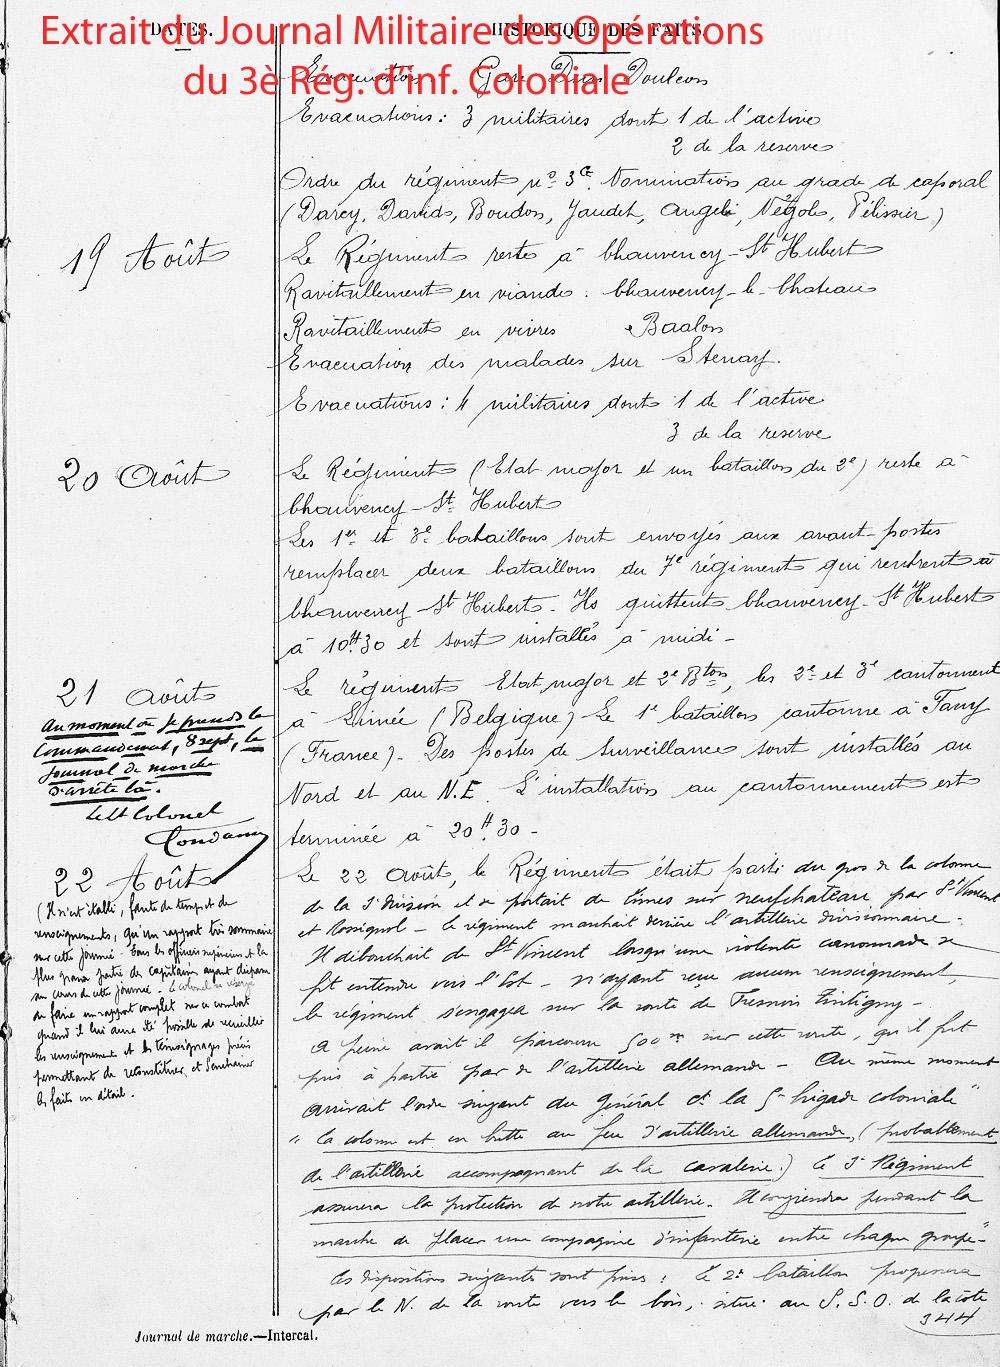 extrait jmo 18 au 23 aout 1914